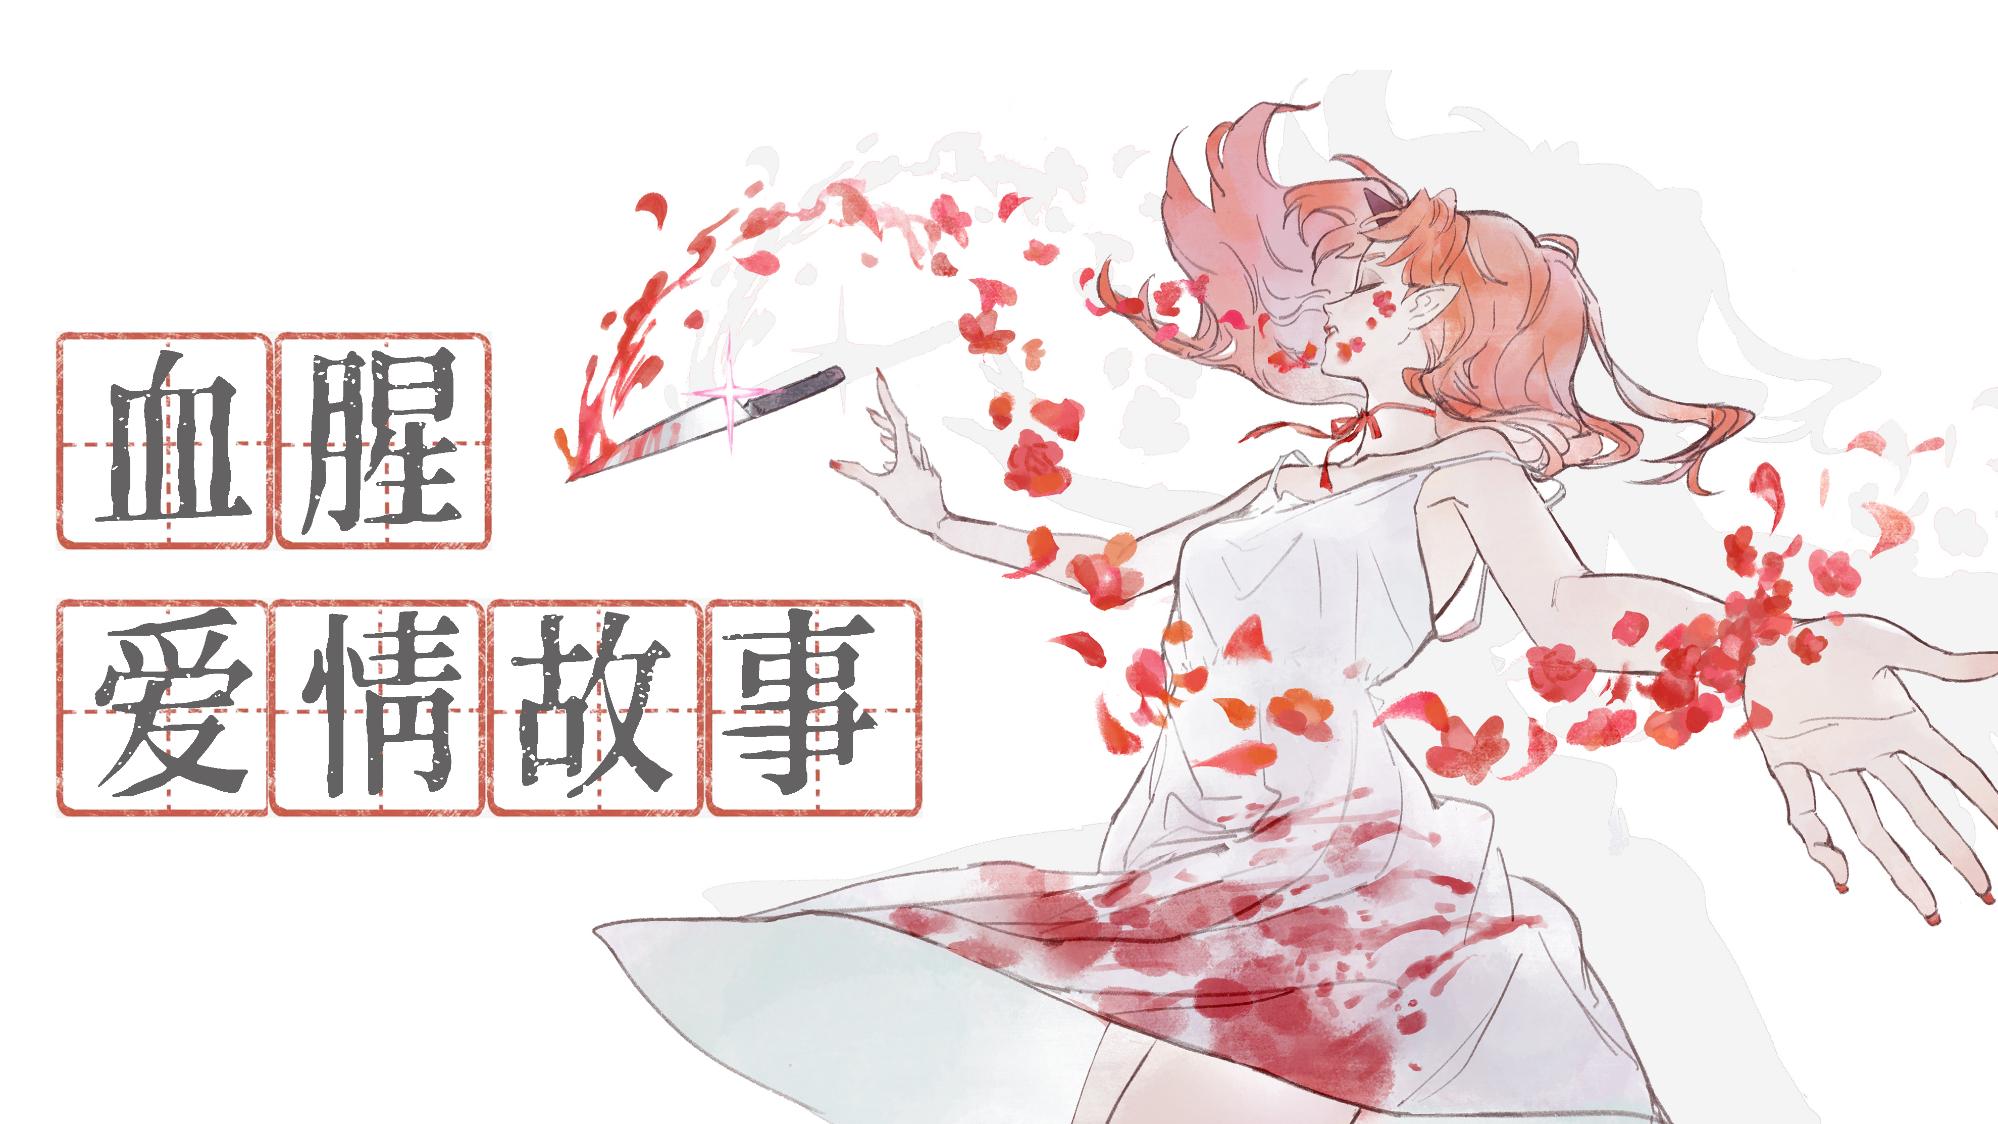 【AC歌手】血腥爱情故事·千刀万剐的感情才生动【桃夜朔】